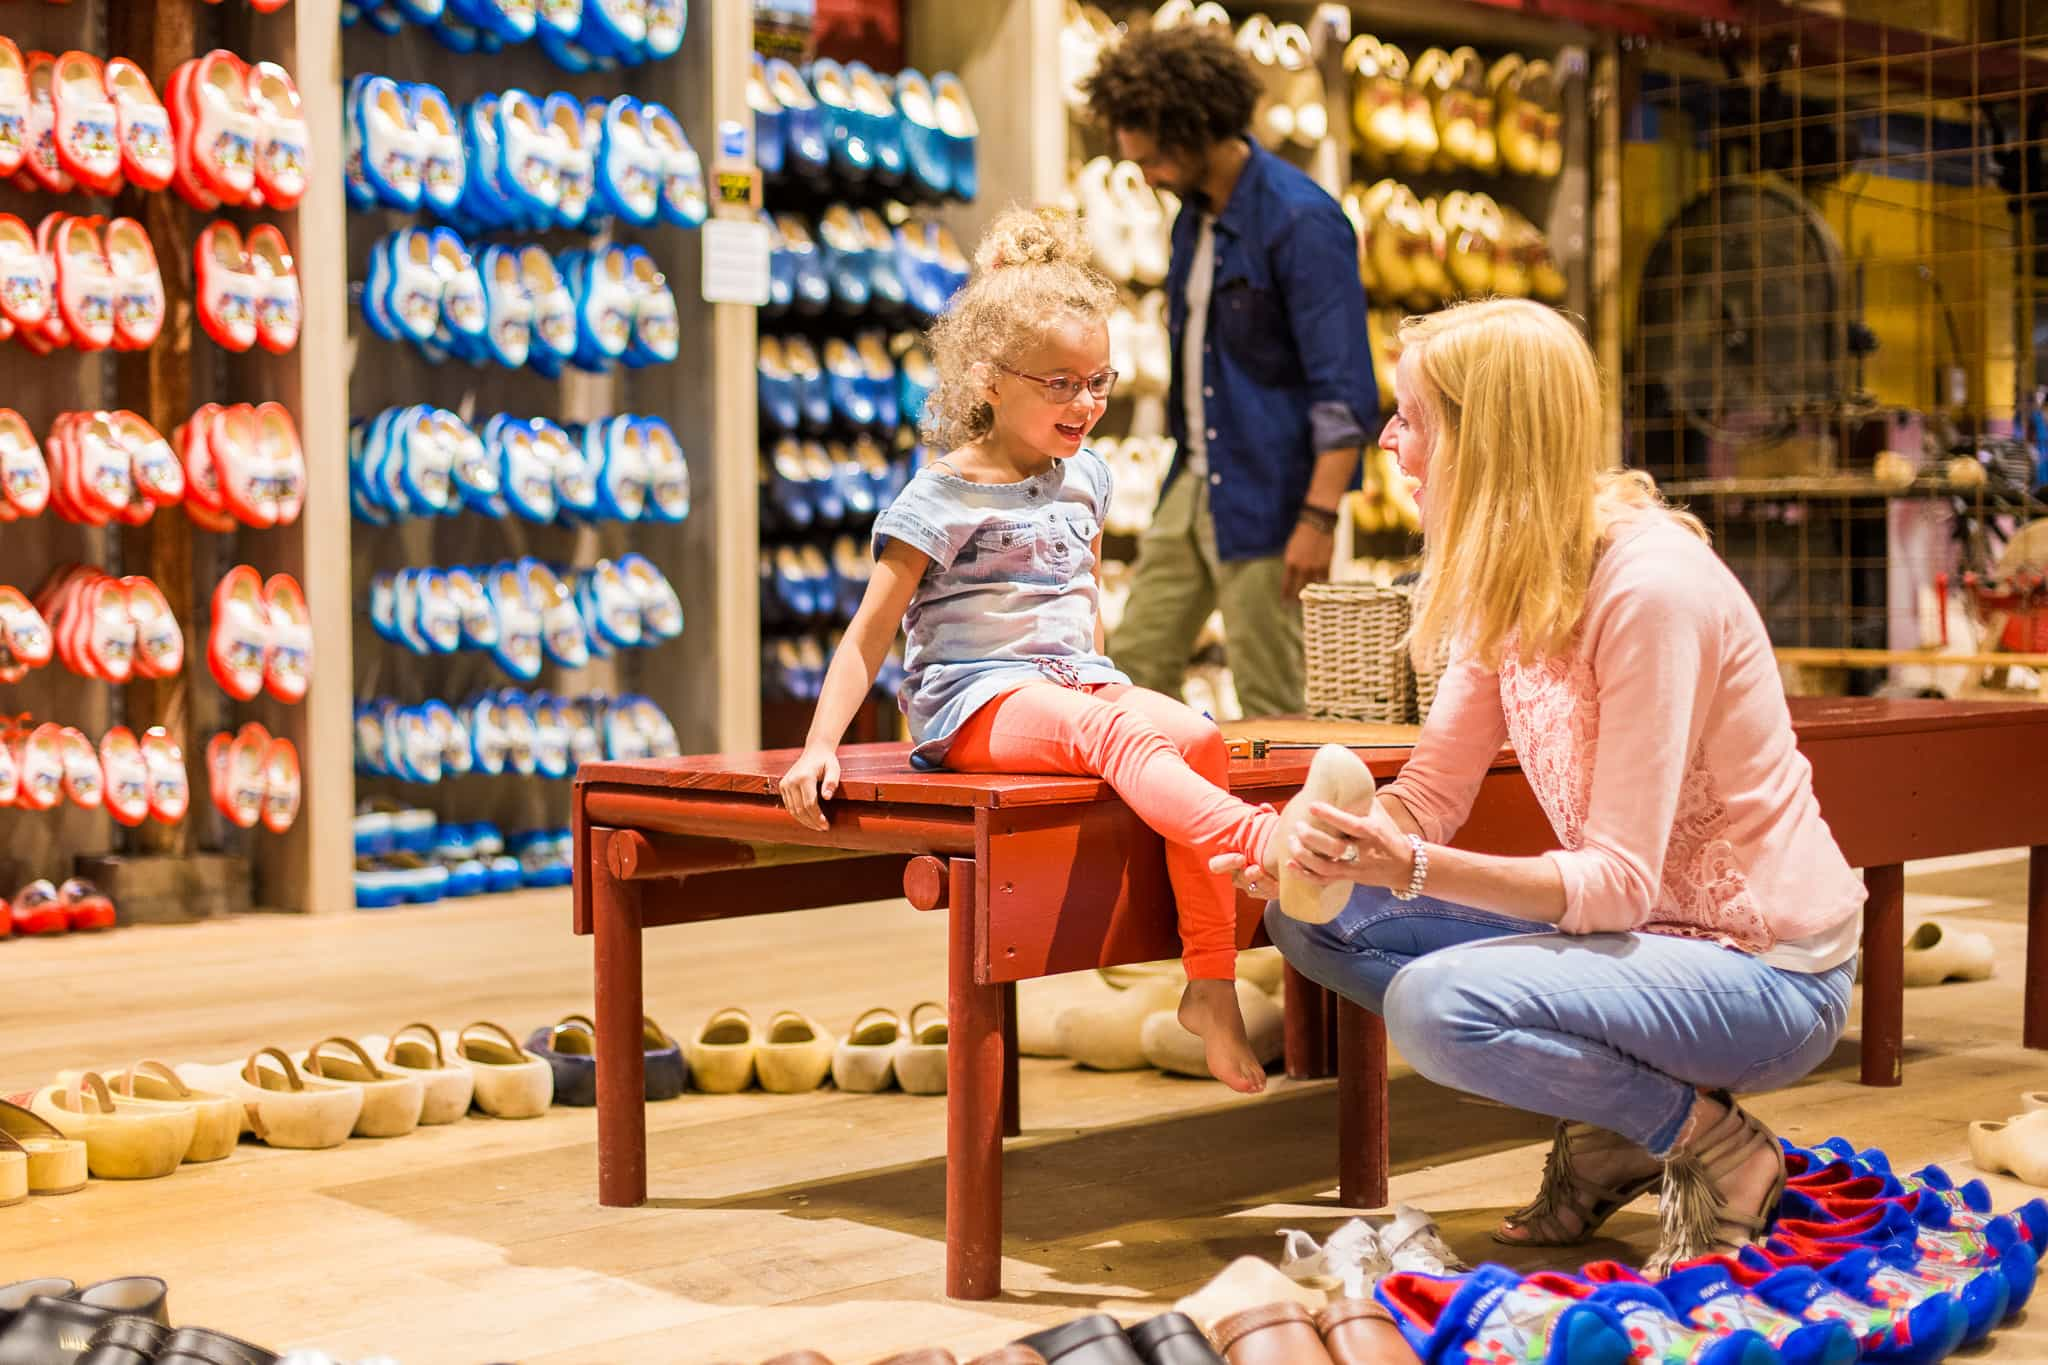 Klompenmakerij activiteit kinderen Marken